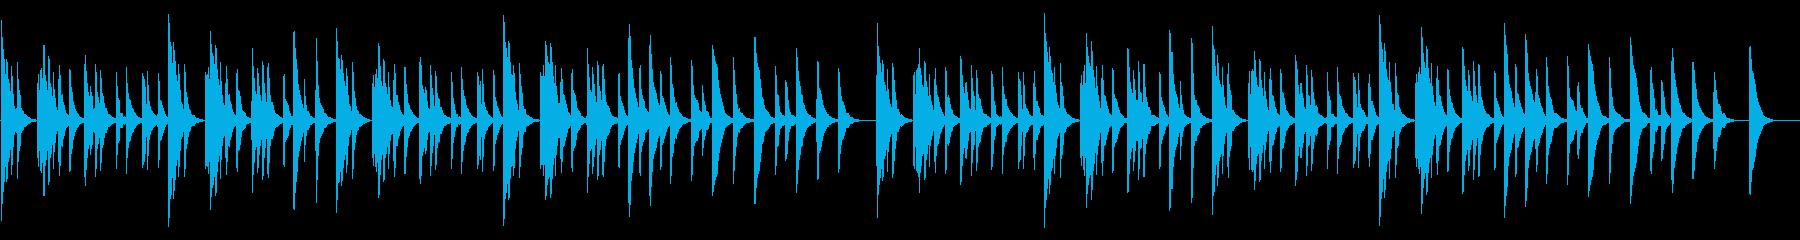 シリアス・不安なオルゴールの再生済みの波形